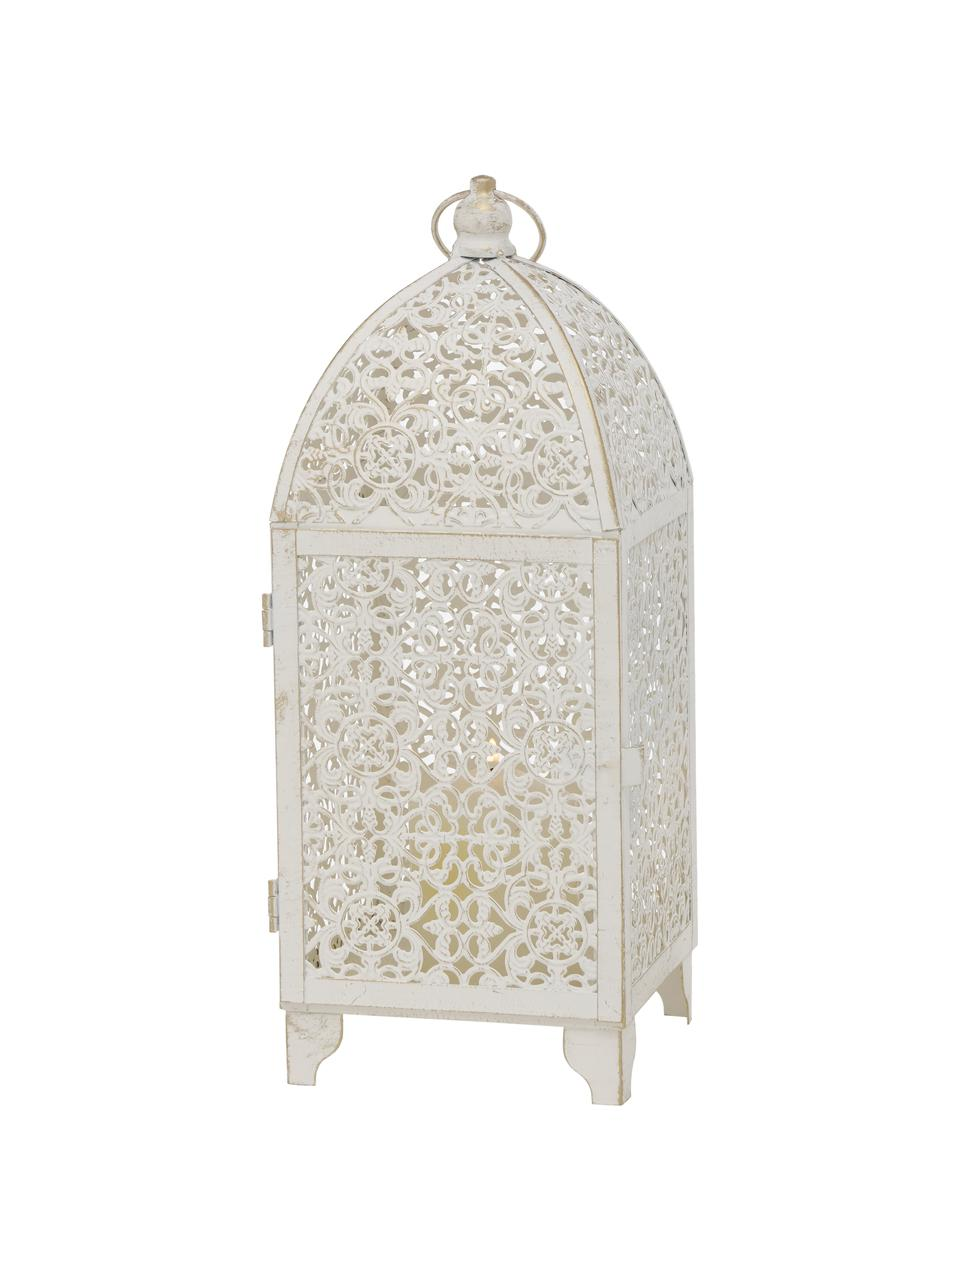 Laternen-Set Oleano, 2-tlg., Gestell: Metall, beschichtet, Weiß mit Antik-Finish, Set mit verschiedenen Größen